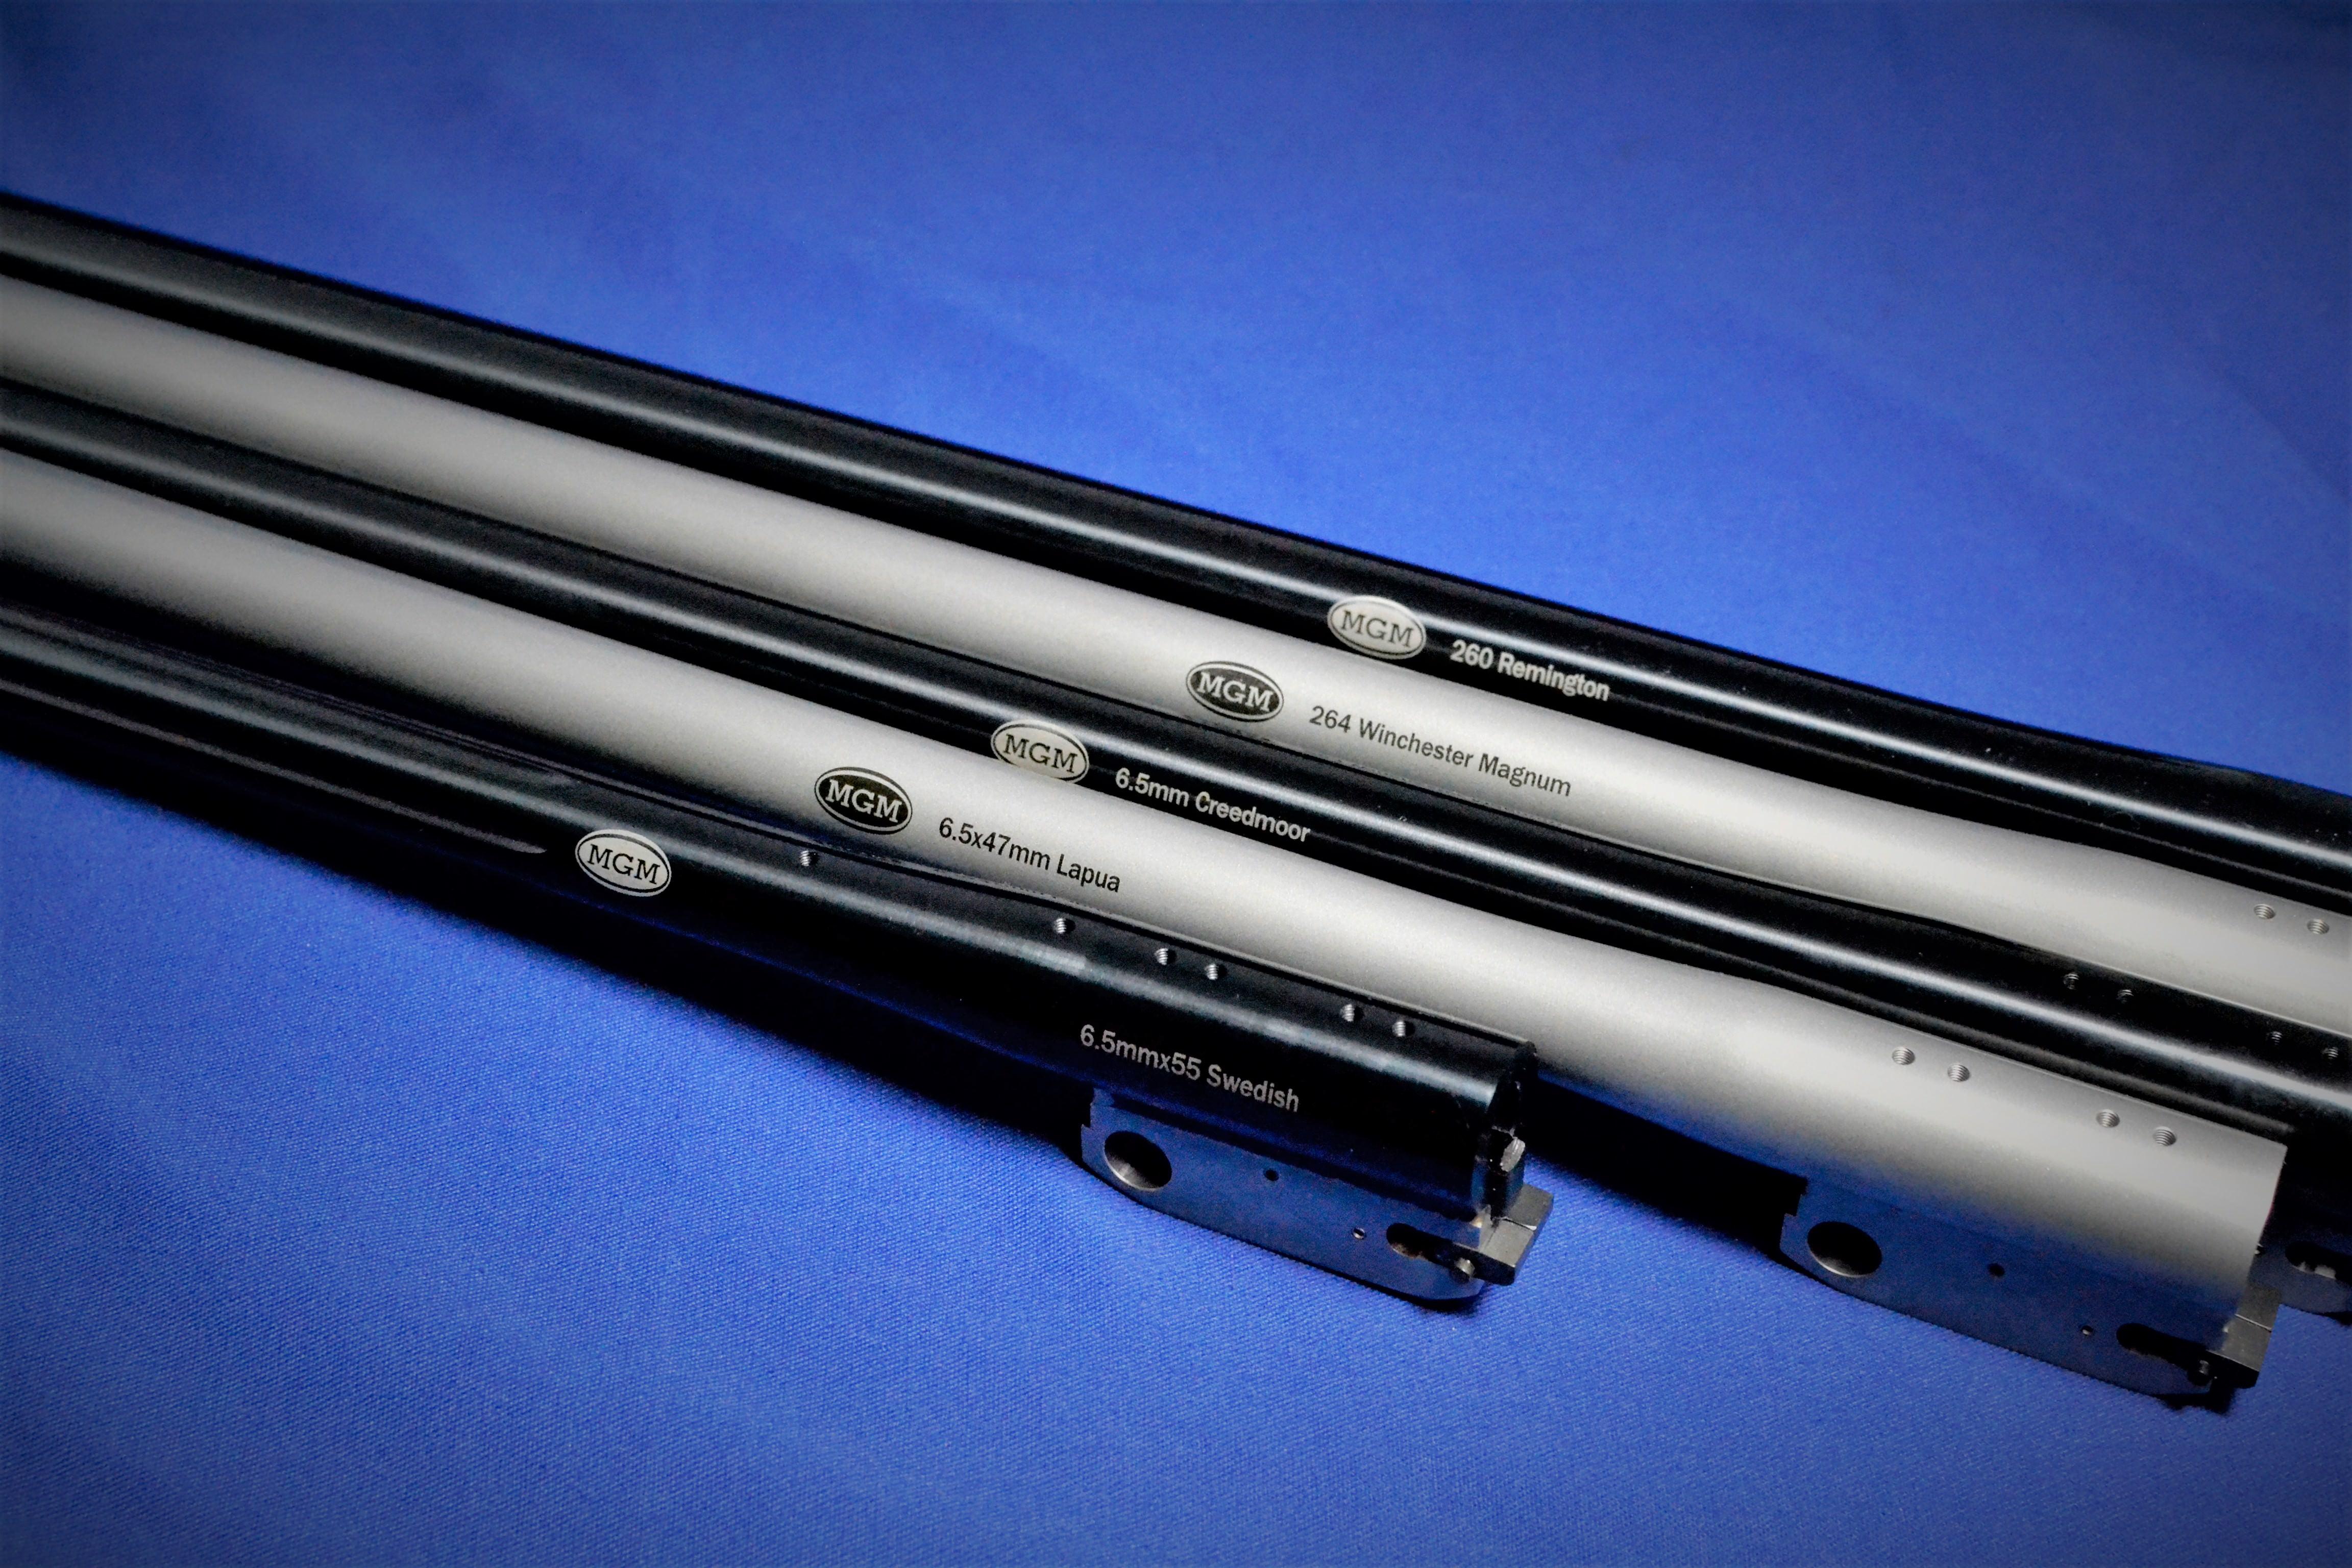 264 Caliber (6.5mm)